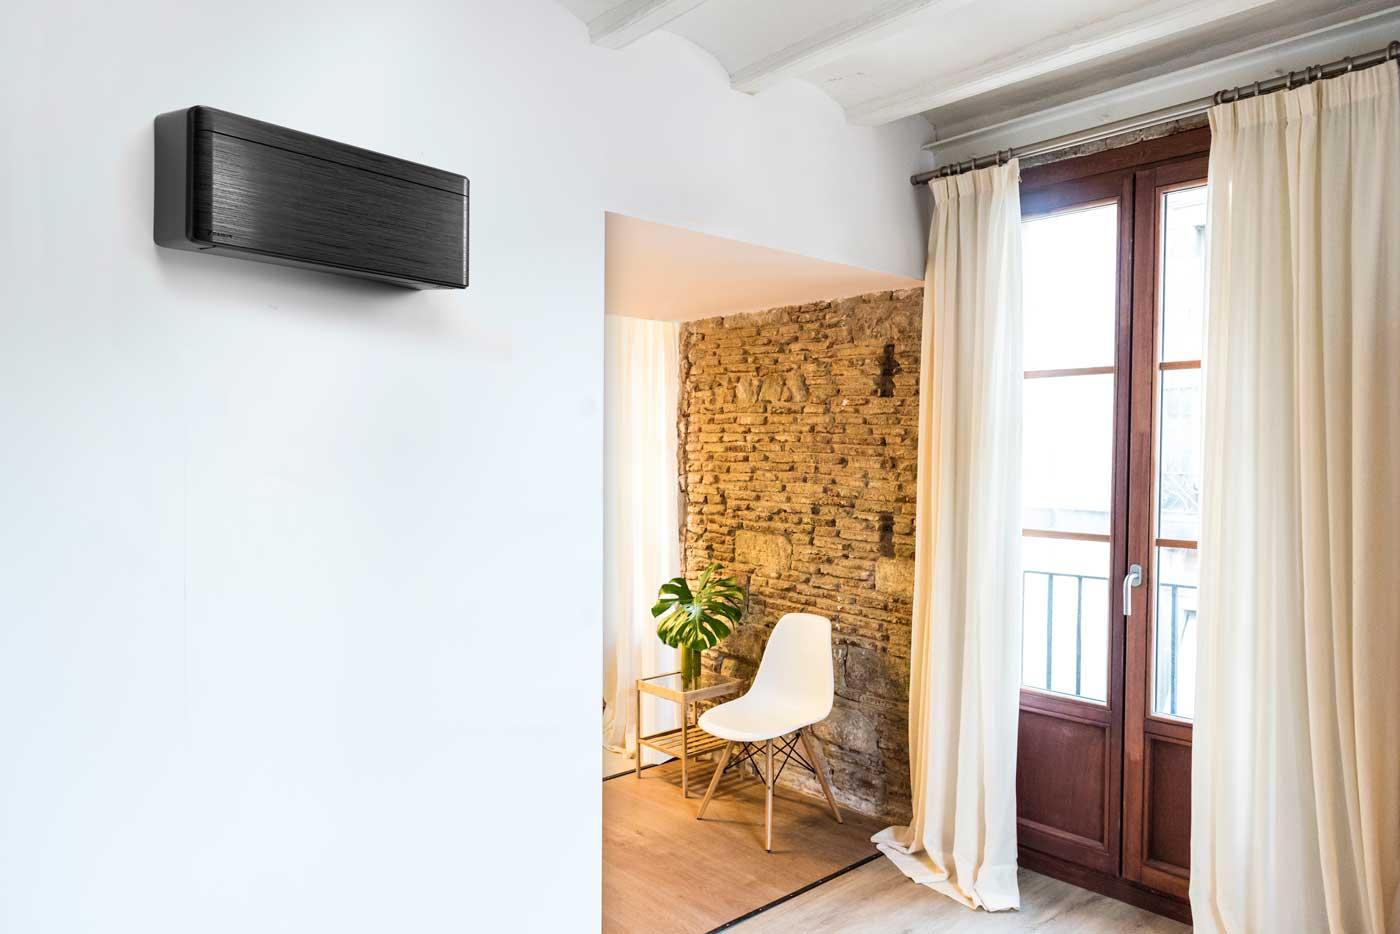 Защо вентилацията при климатиците е важна